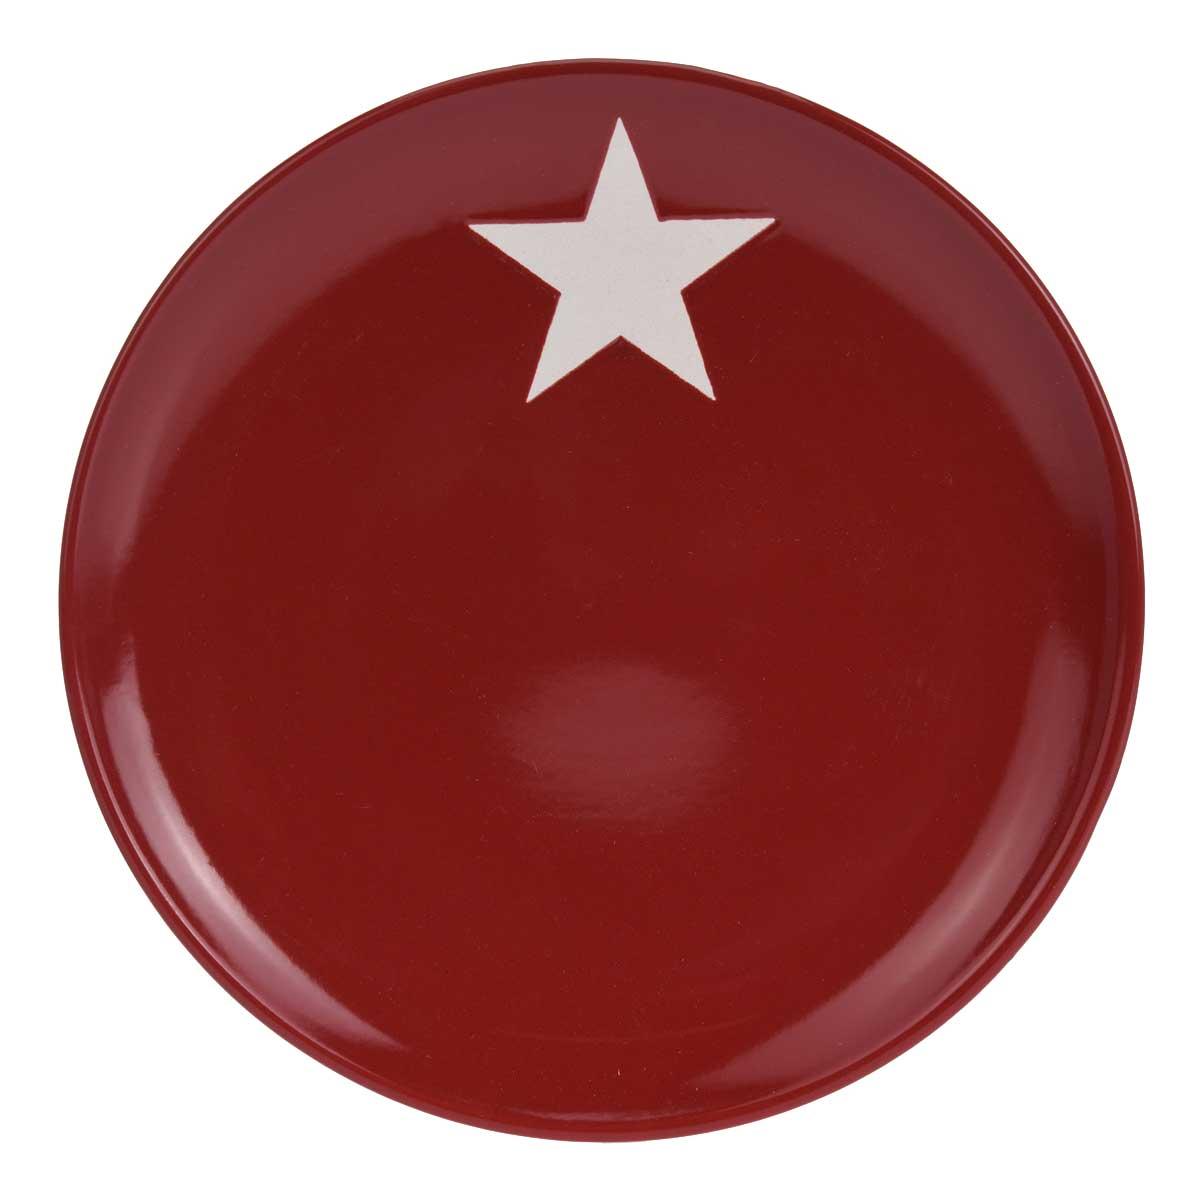 teller mit stern rot geschirr glas haushalt k che haushalt luwago online shop. Black Bedroom Furniture Sets. Home Design Ideas